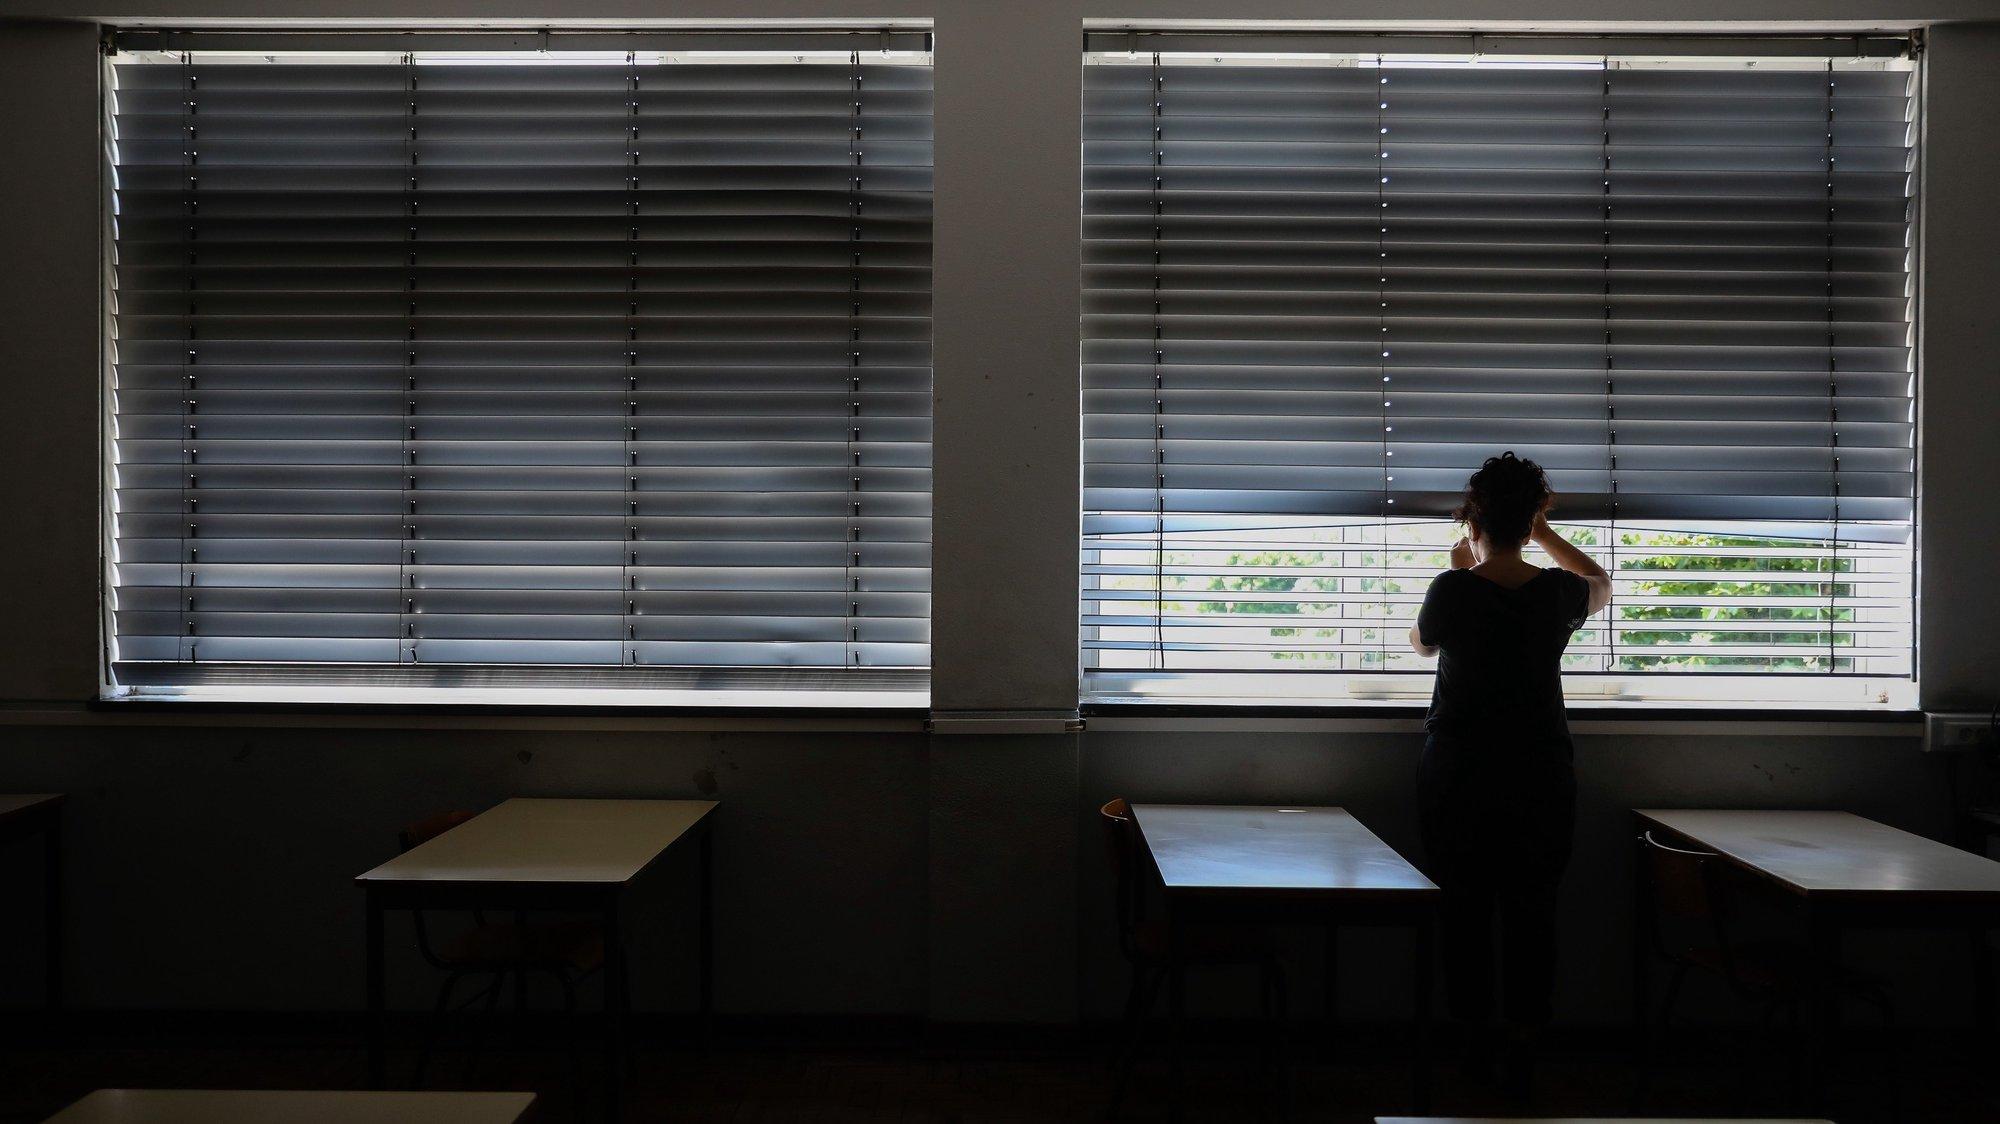 Sala de aula na escola Secundária Dr. Serafim Leite, durante uma reportagem no âmbito do ranking das escolas, em São João da Madeira, 22 de junho de 2020. O 'ranking' da Lusa, feito com base em dados disponibilizados pelo Ministério da Educação, tem em conta apenas as escolas onde foram feitos pelo menos 100 exames, analisando por isso as classificações de mais de 221 mil exames de 514 estabelecimentos de ensino públicos e privados. (ACOMPANHA TEXTO DA LUSA DO DIA 27 DE JUNHO DE 2020). JOSÉ COELHO/LUSA